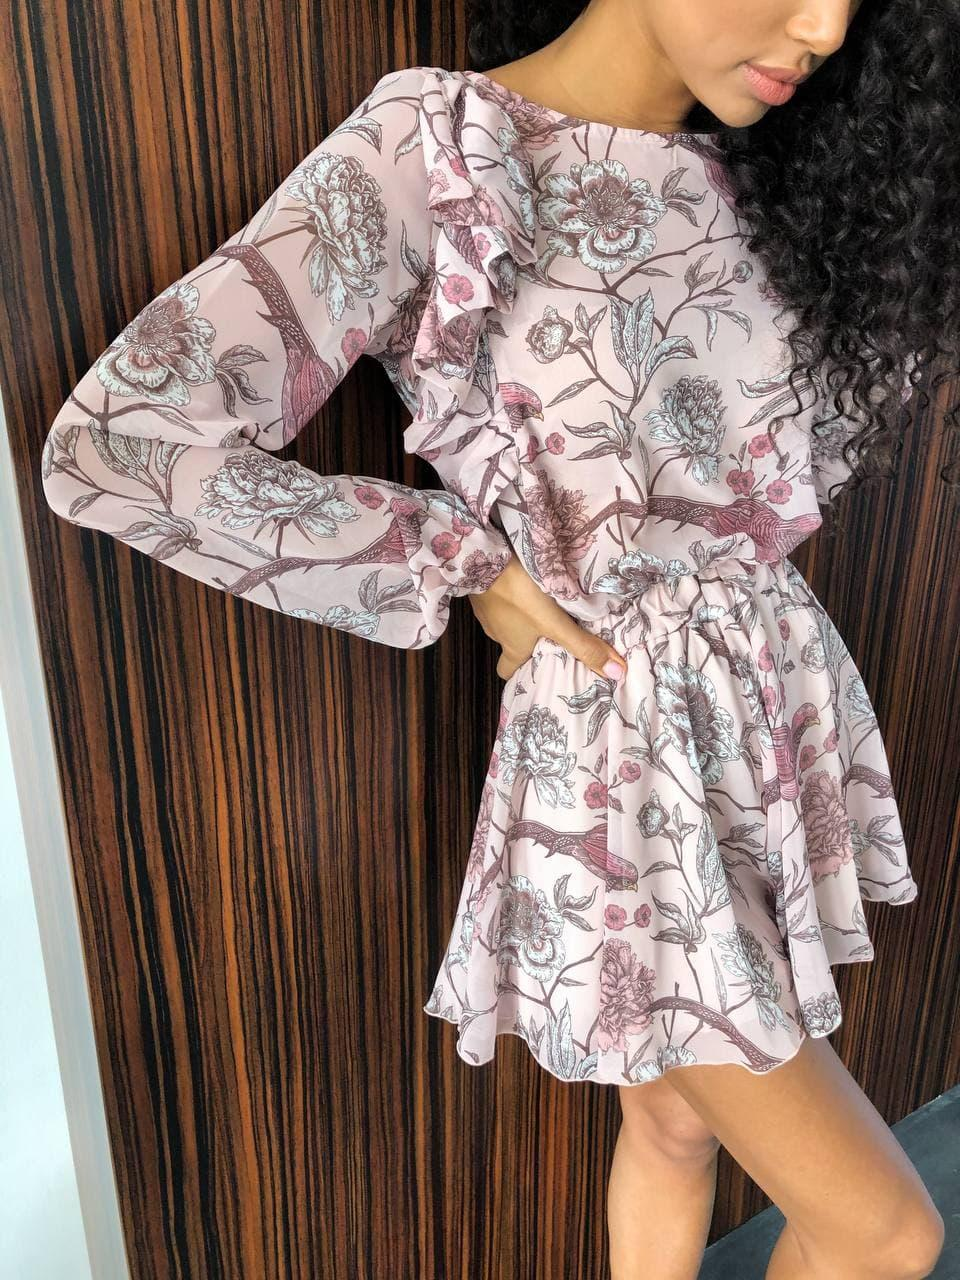 Короткий комбинезон в цветочном принте с юбкой - шортами трендовый (р. XS-L) 14ks1689